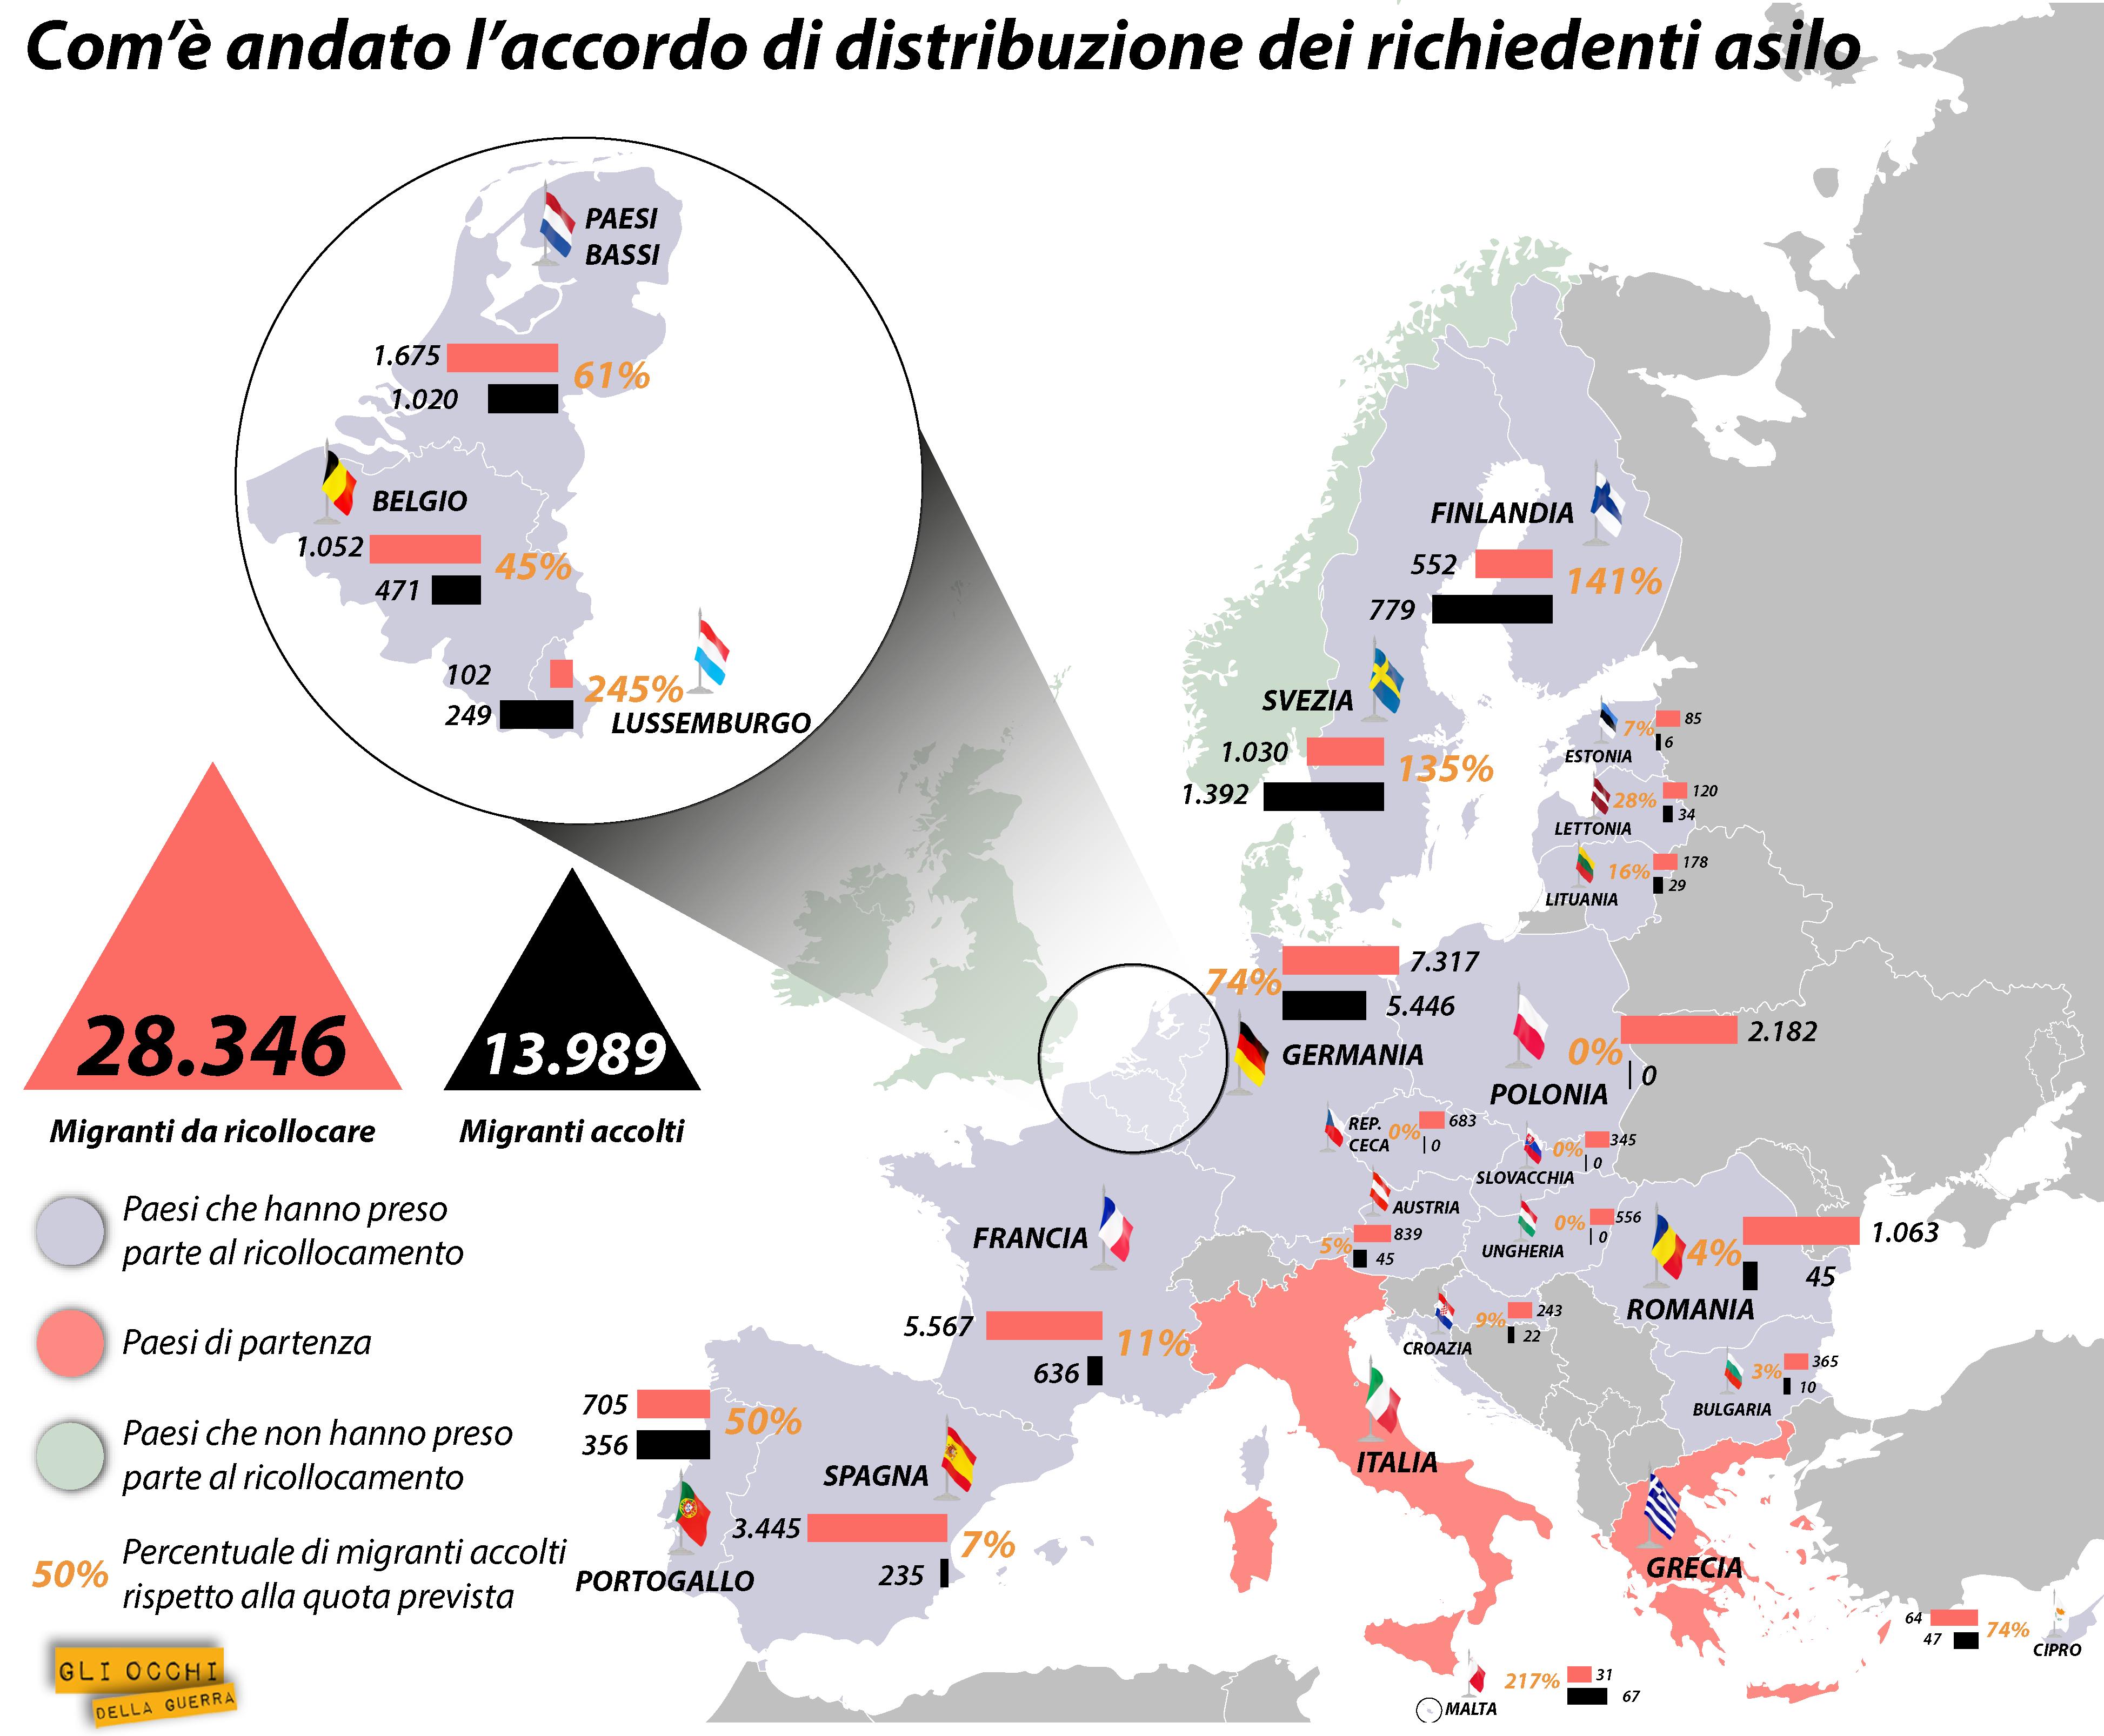 redistribuzione dei migranti in ue